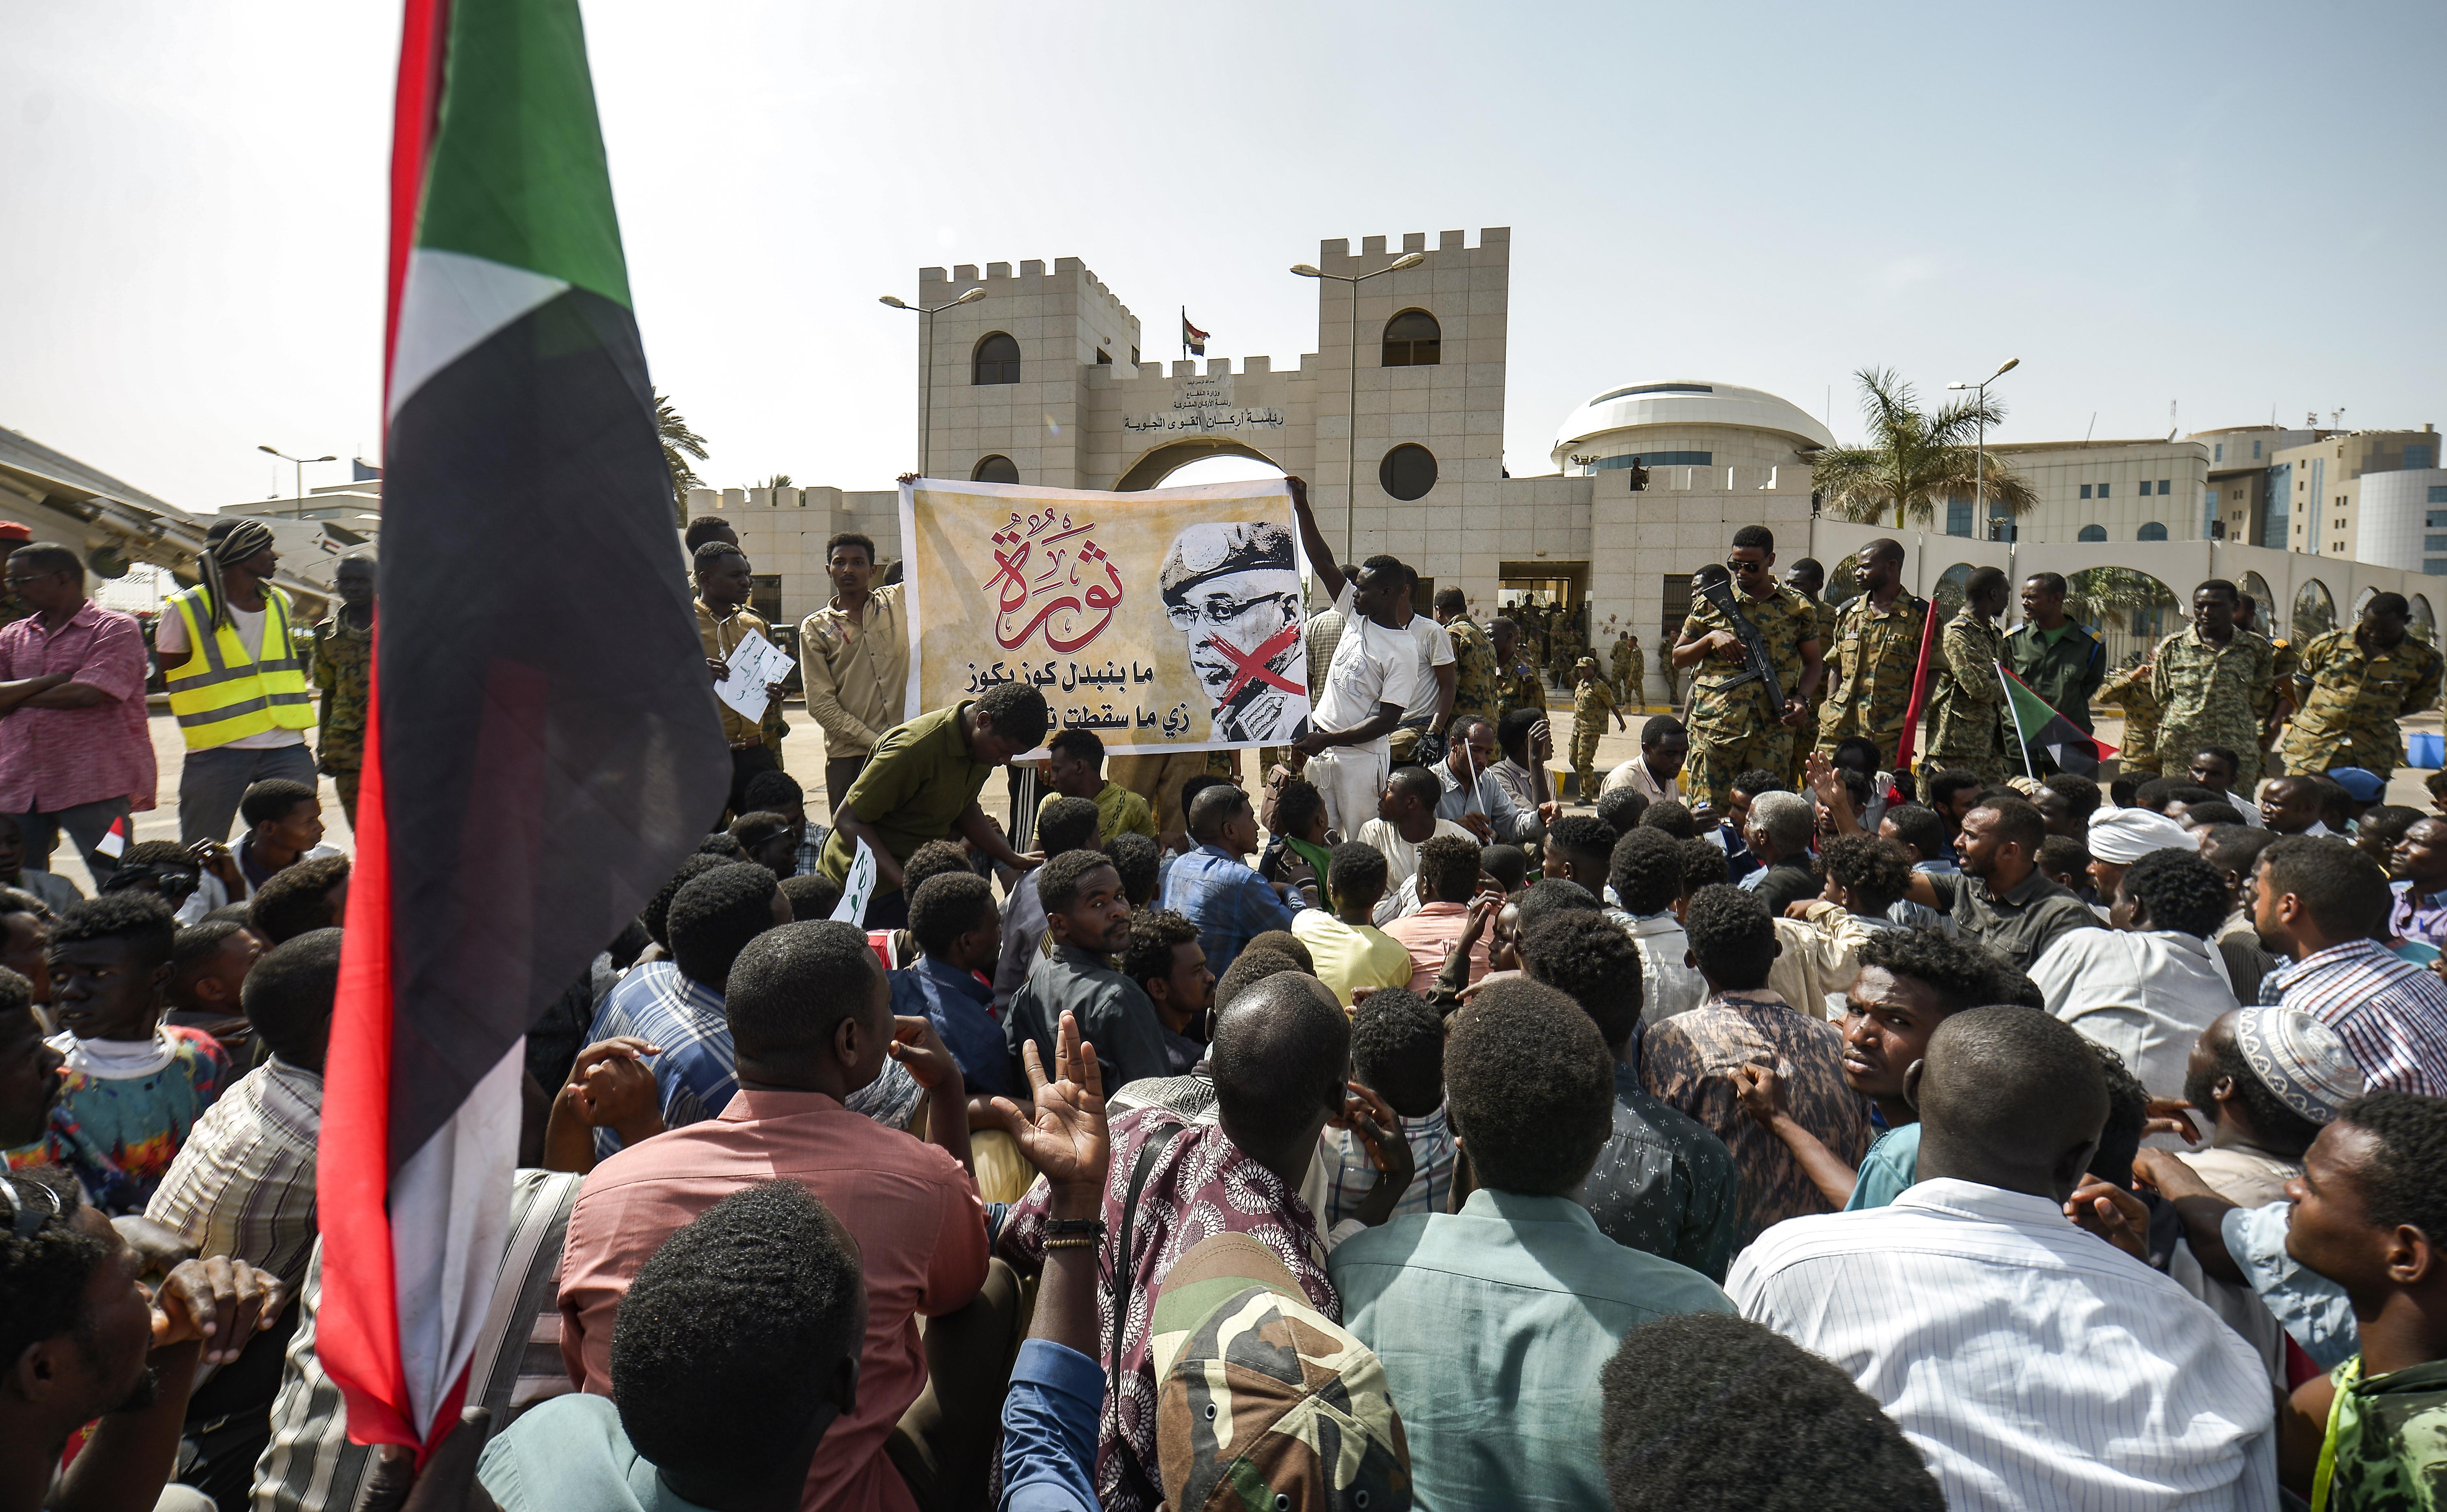 احتجاجات امام مقر قيادة الجيش في الخرطوم